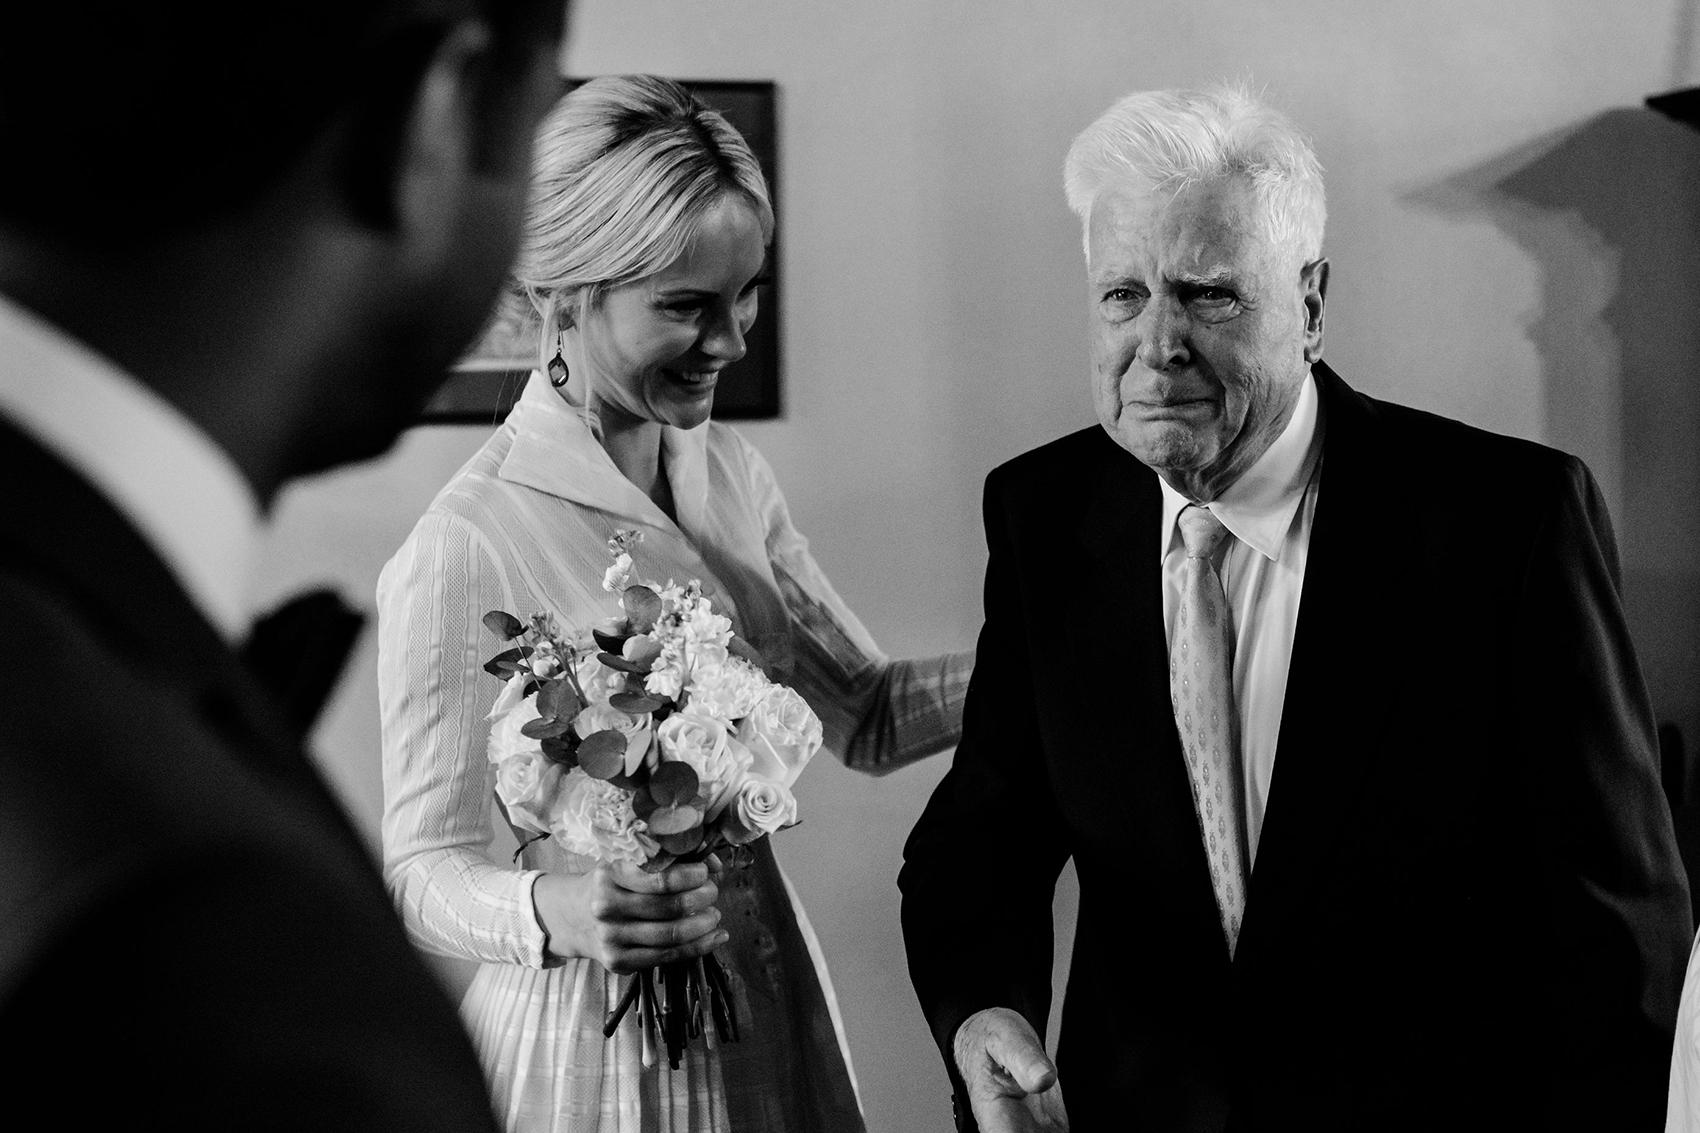 NELLI_BRINKMANN_FOTOGRAFIE_Hochzeitsfotografie